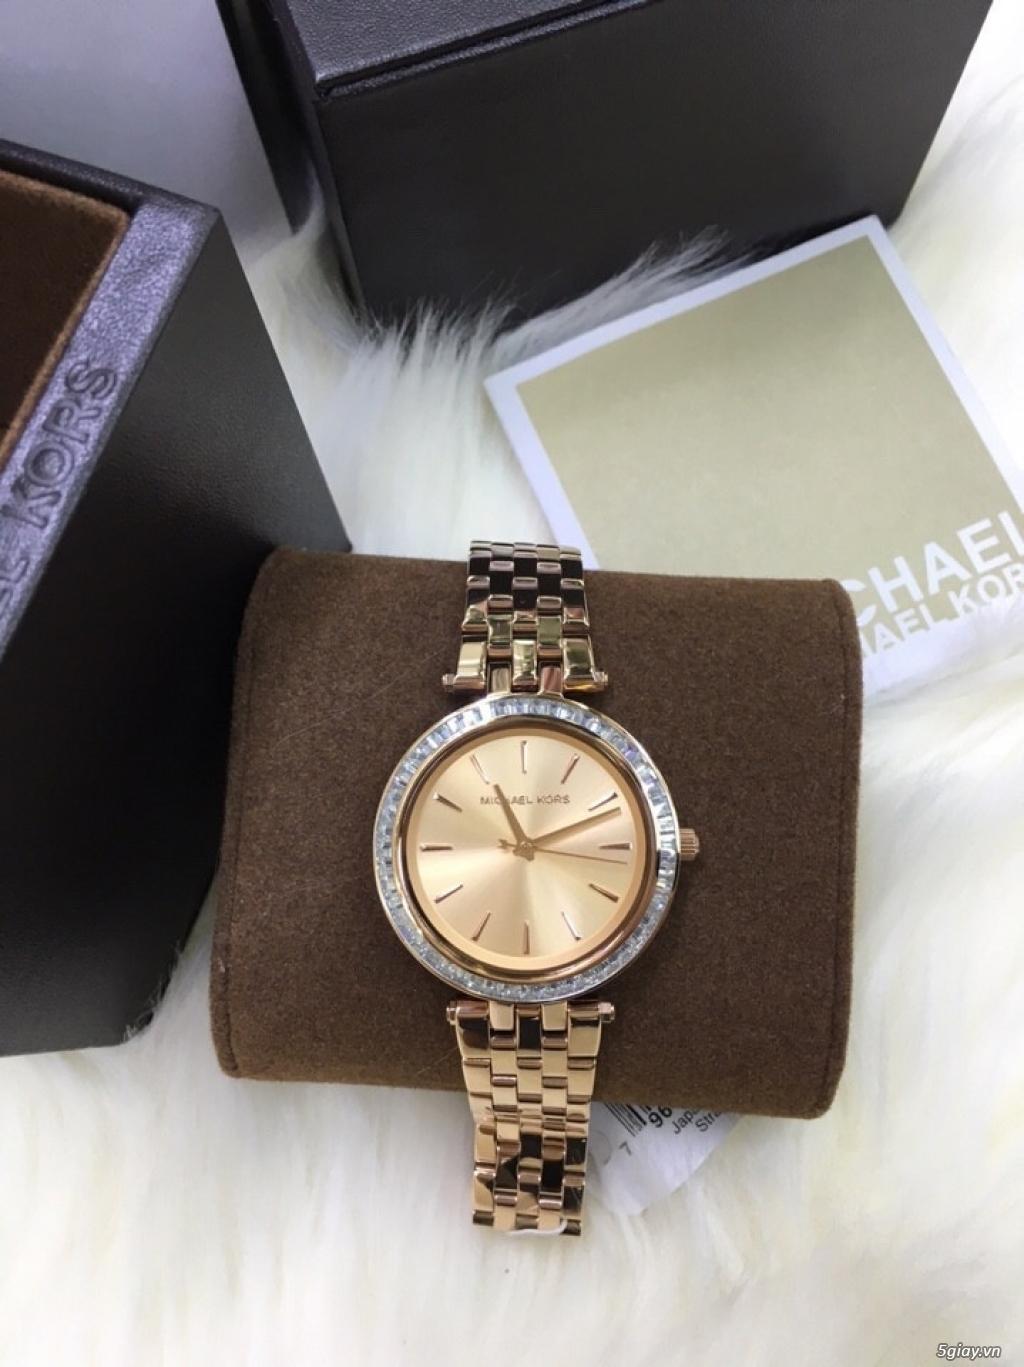 Đồng hồ chính hãng Michael Kors giá rẻ - 11